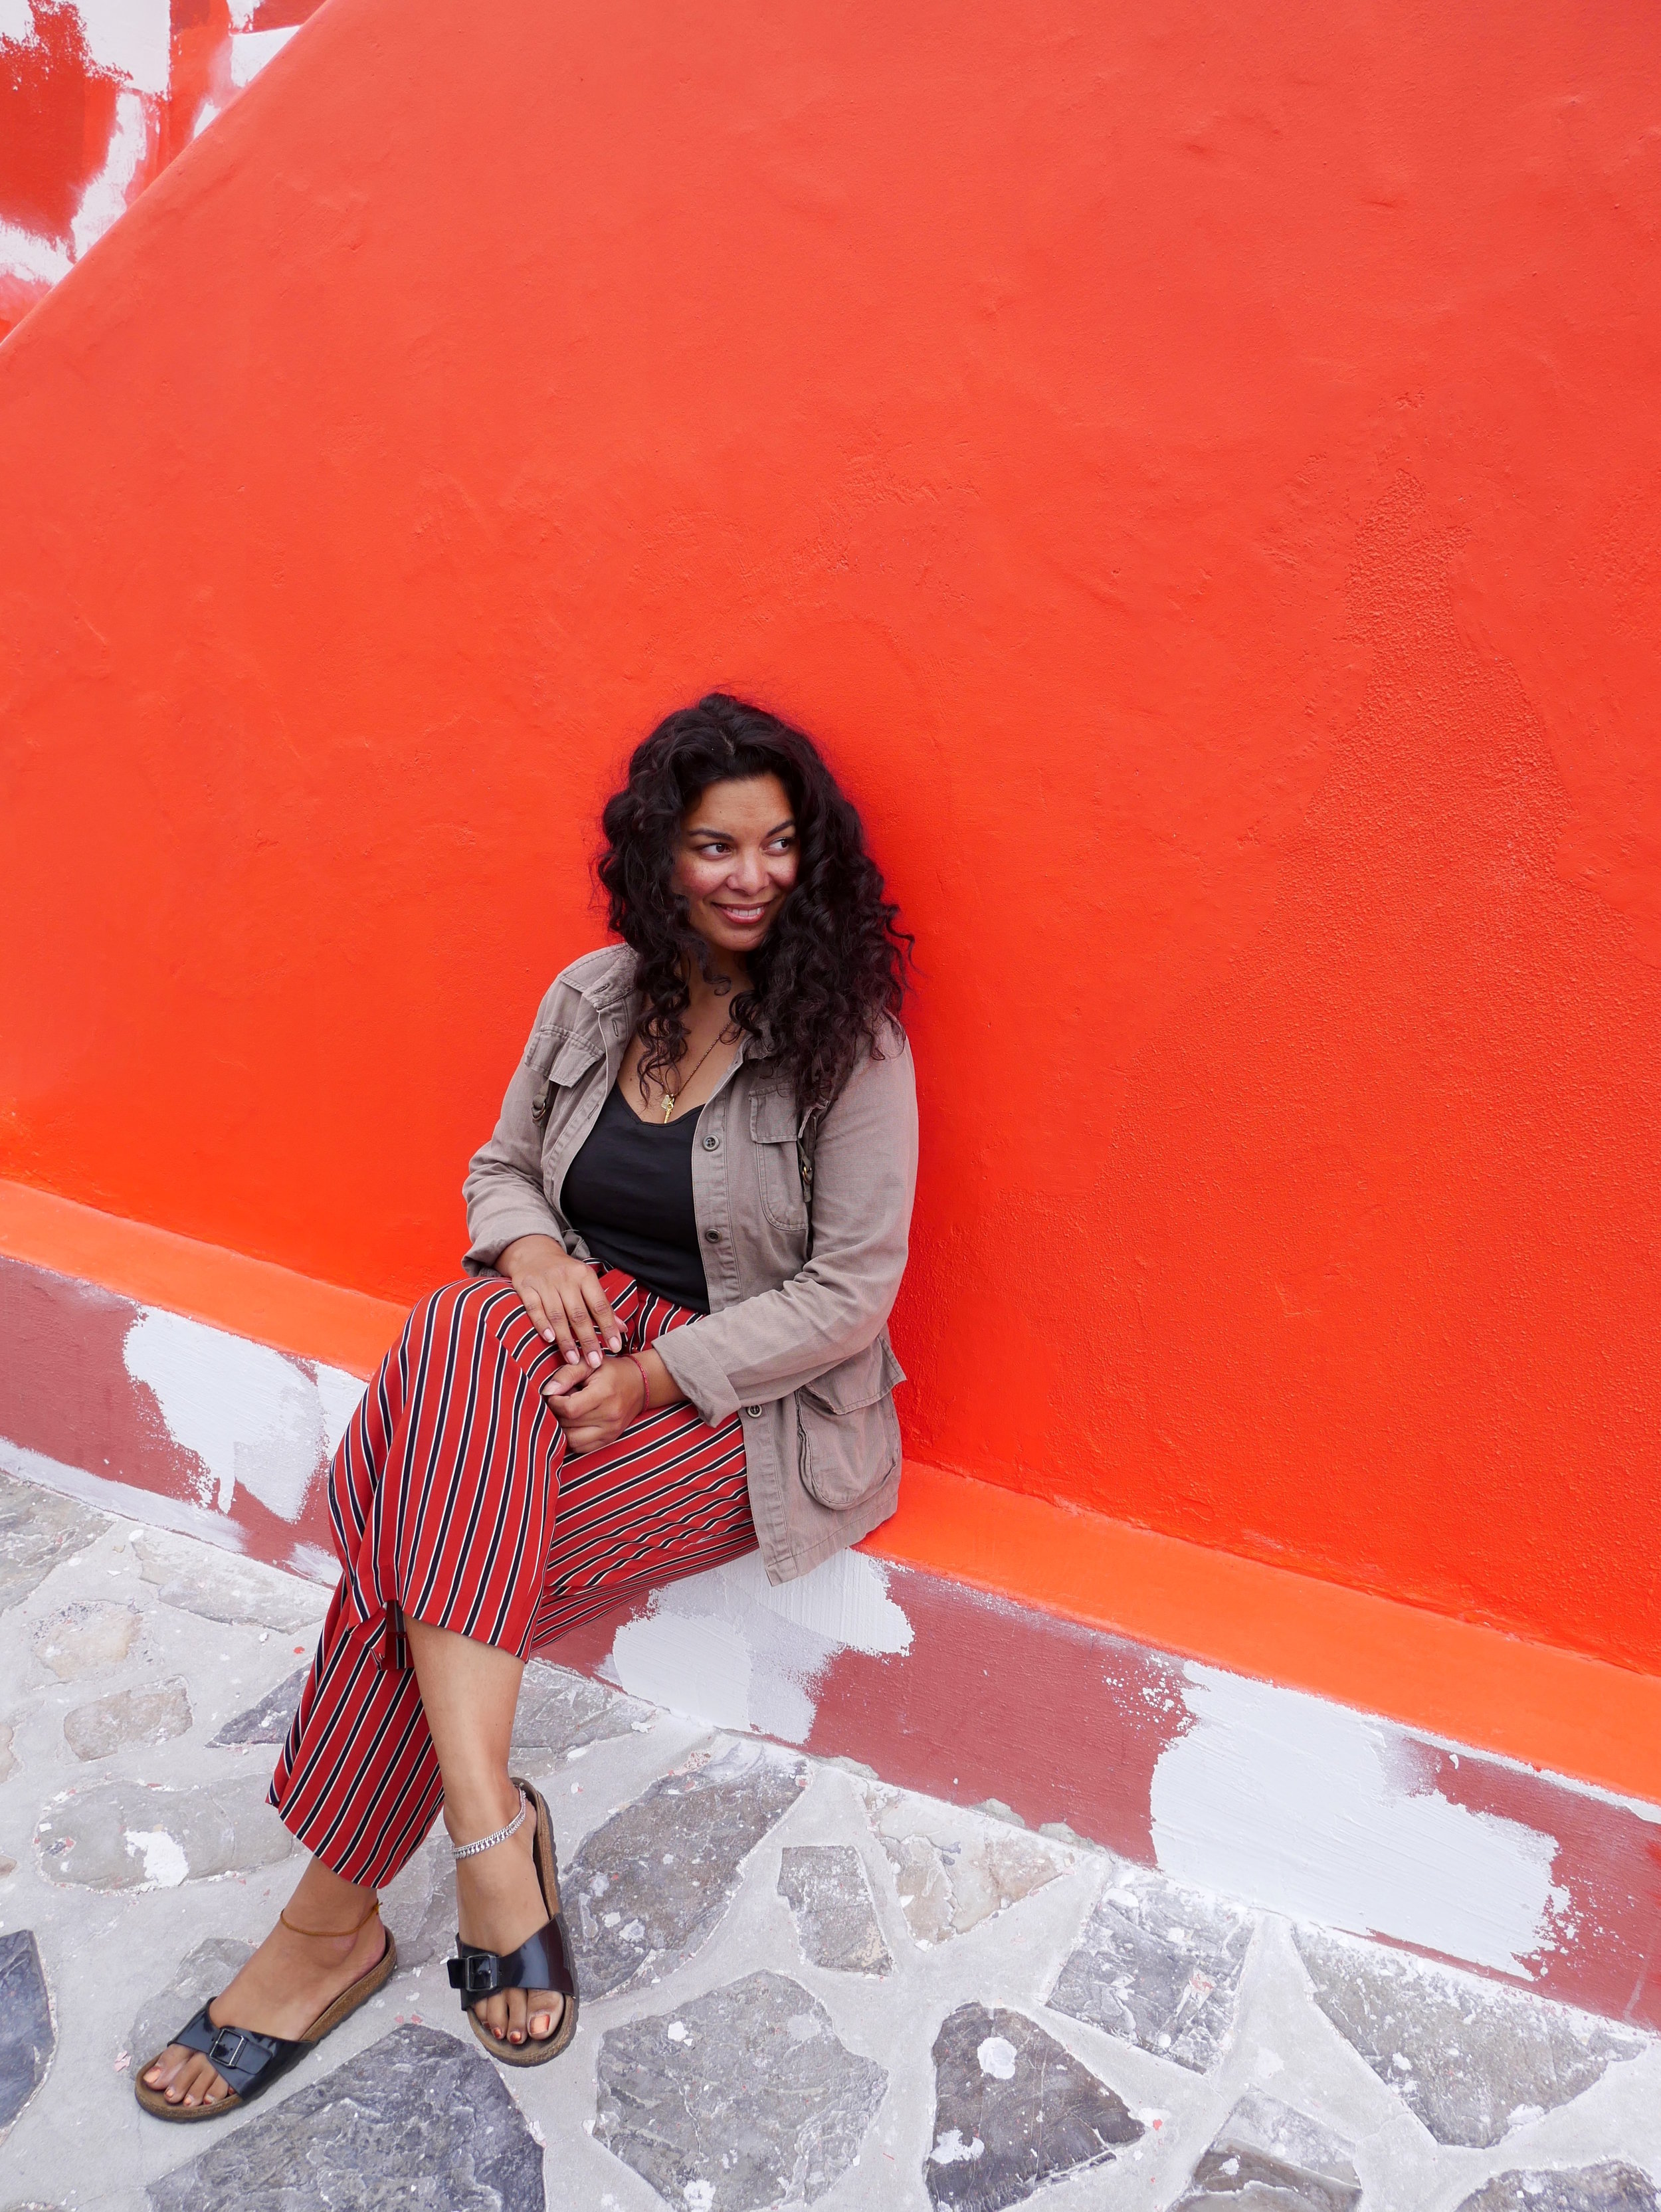 Shanti Viktoria Sadacharam - Shanti Viktoria Sadacharam ist Anwältin für Urheber- und Medienrecht aus München. Sie ist spezialisiert auf die Musikbranche und zählt Künstler wie Afrob zu ihren Klienten.https://www.svs-law.de